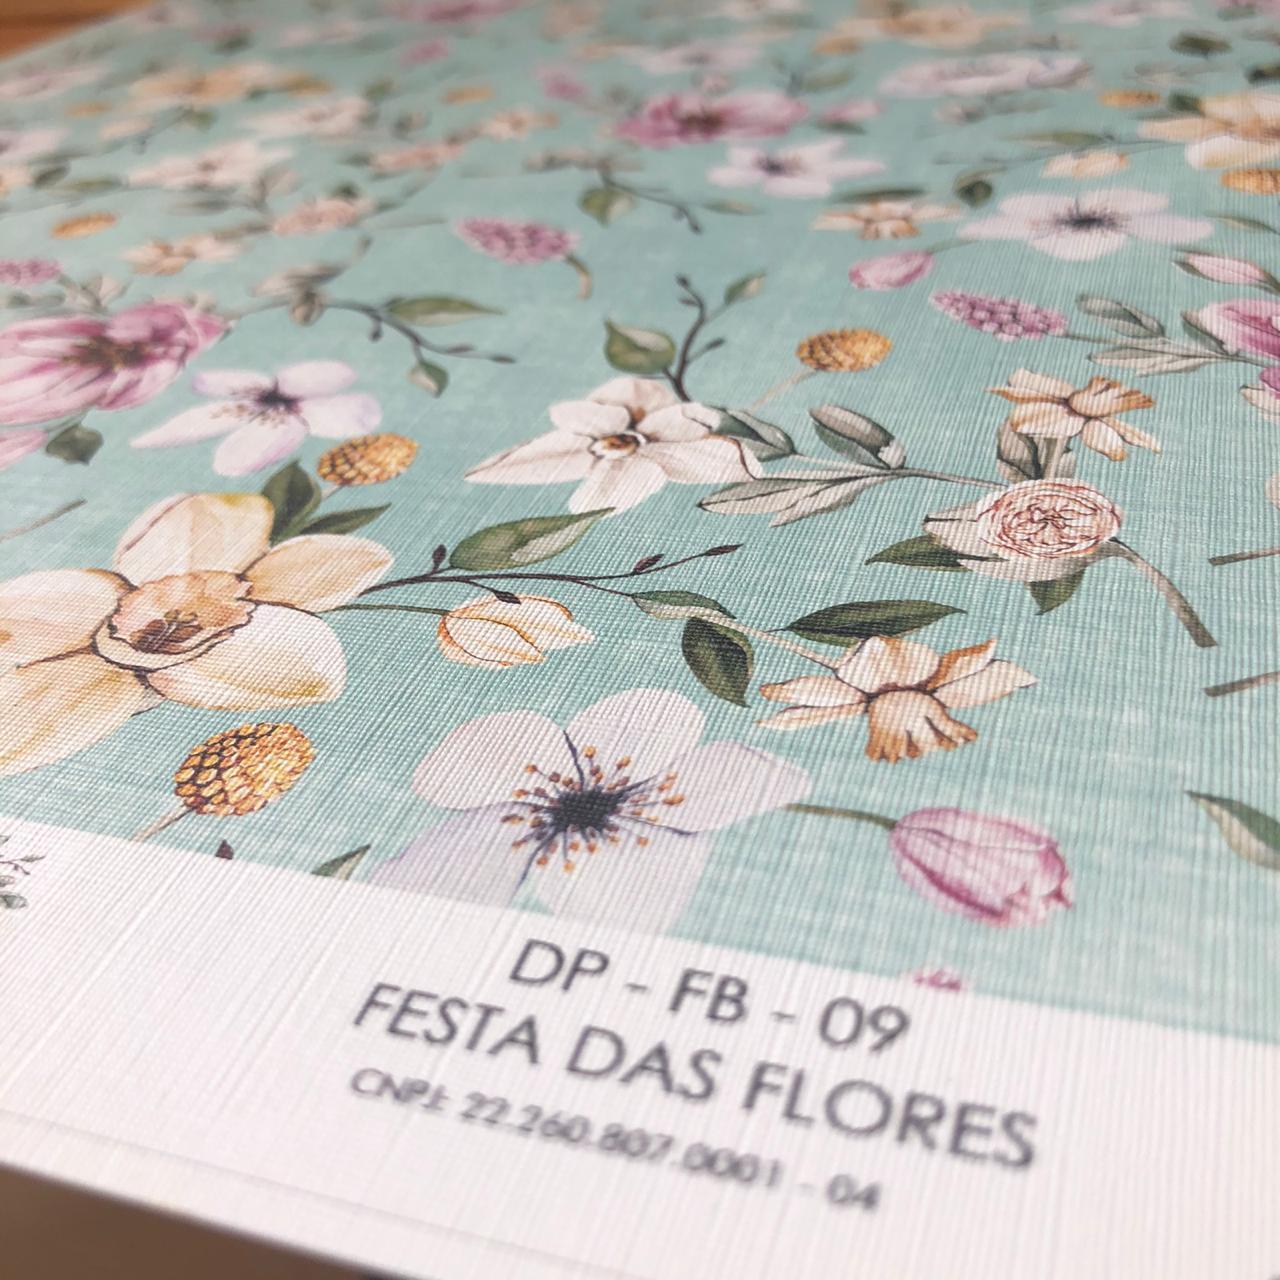 Adesivo Texturizado - Festa das Flores - Coleção Fábula - Dany Peres (DP-FB-09)